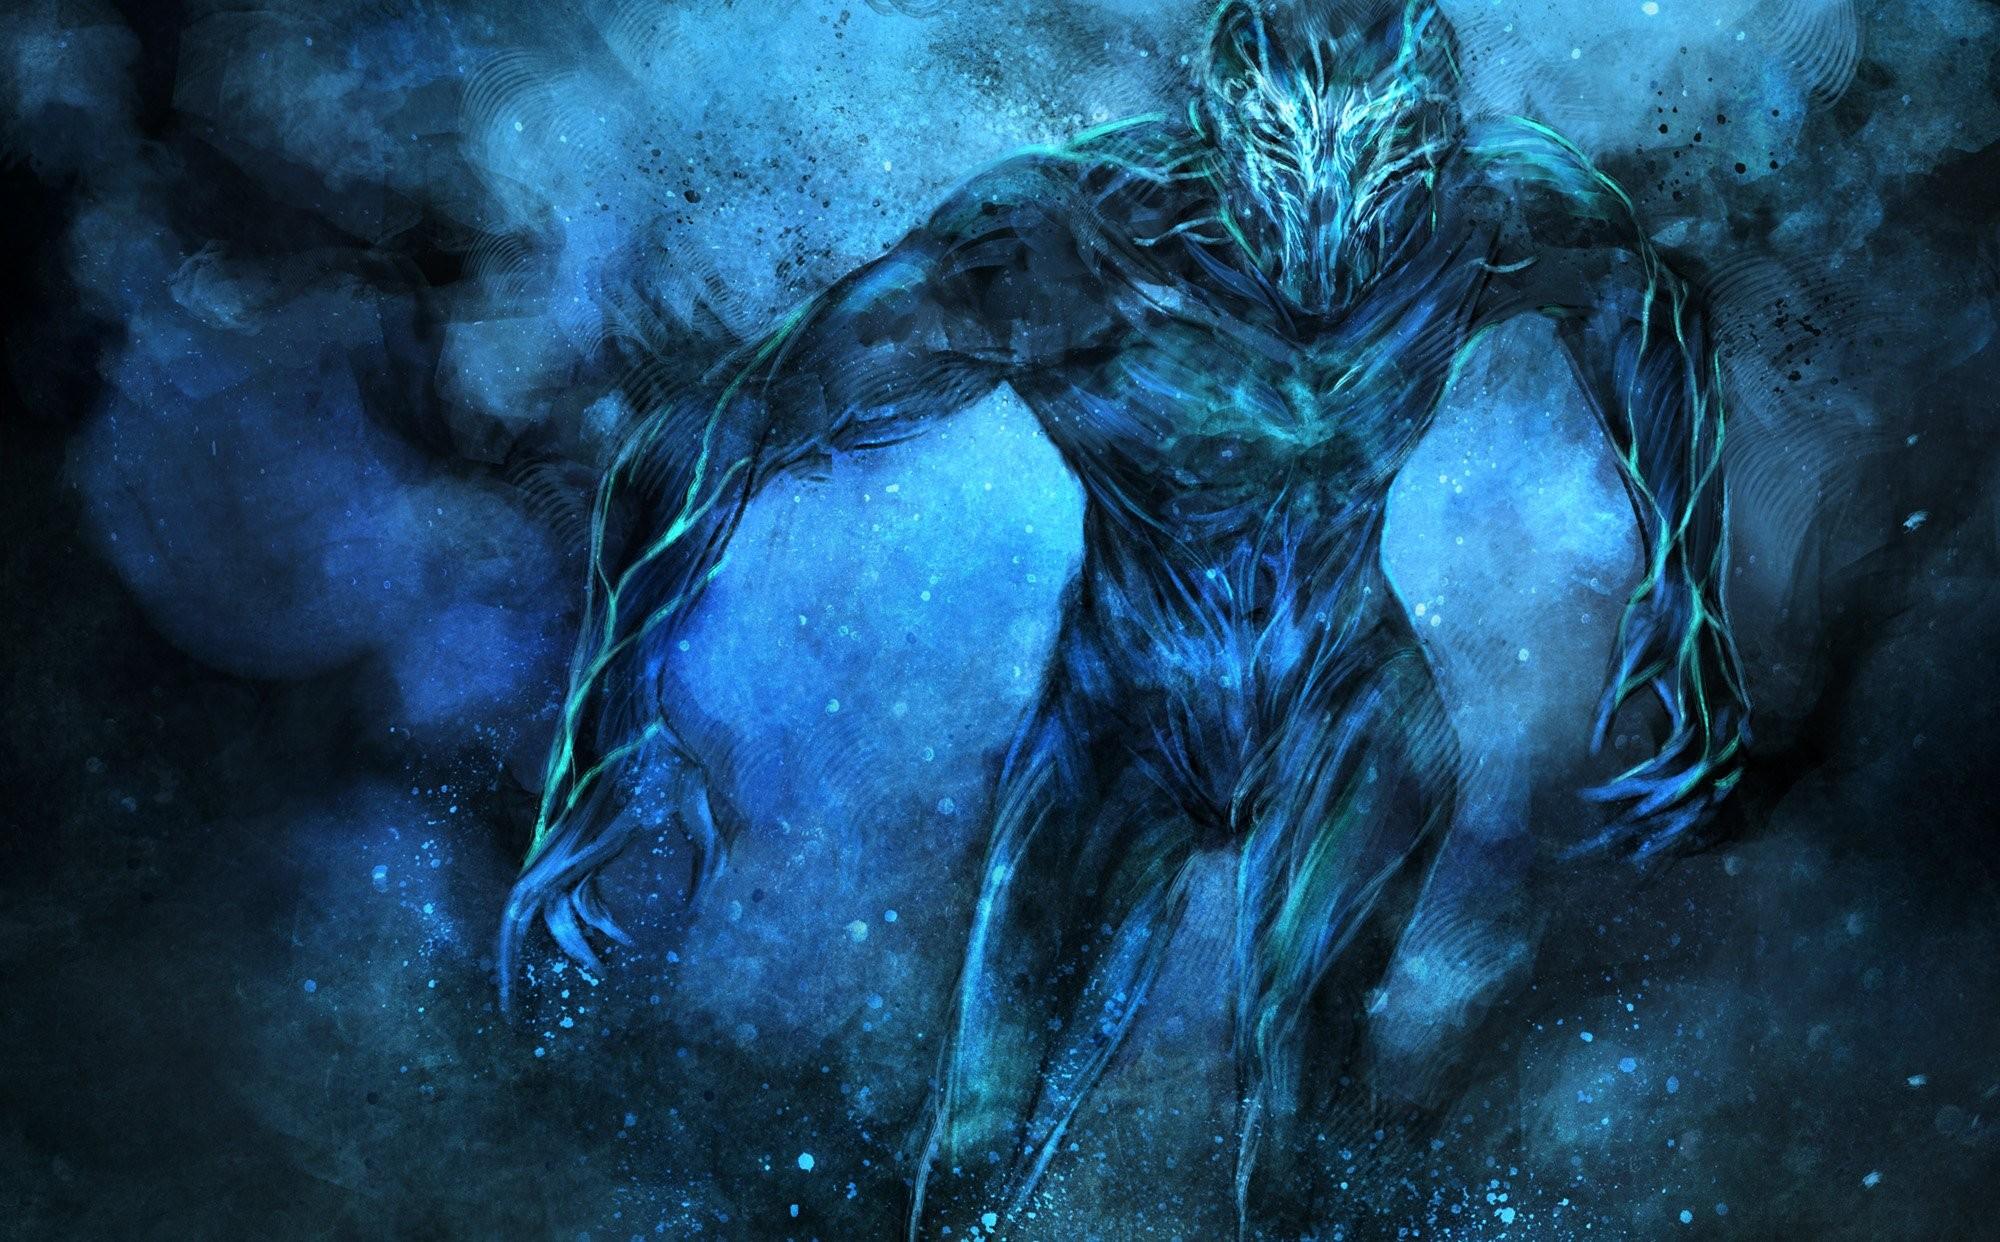 Синий демон картинки